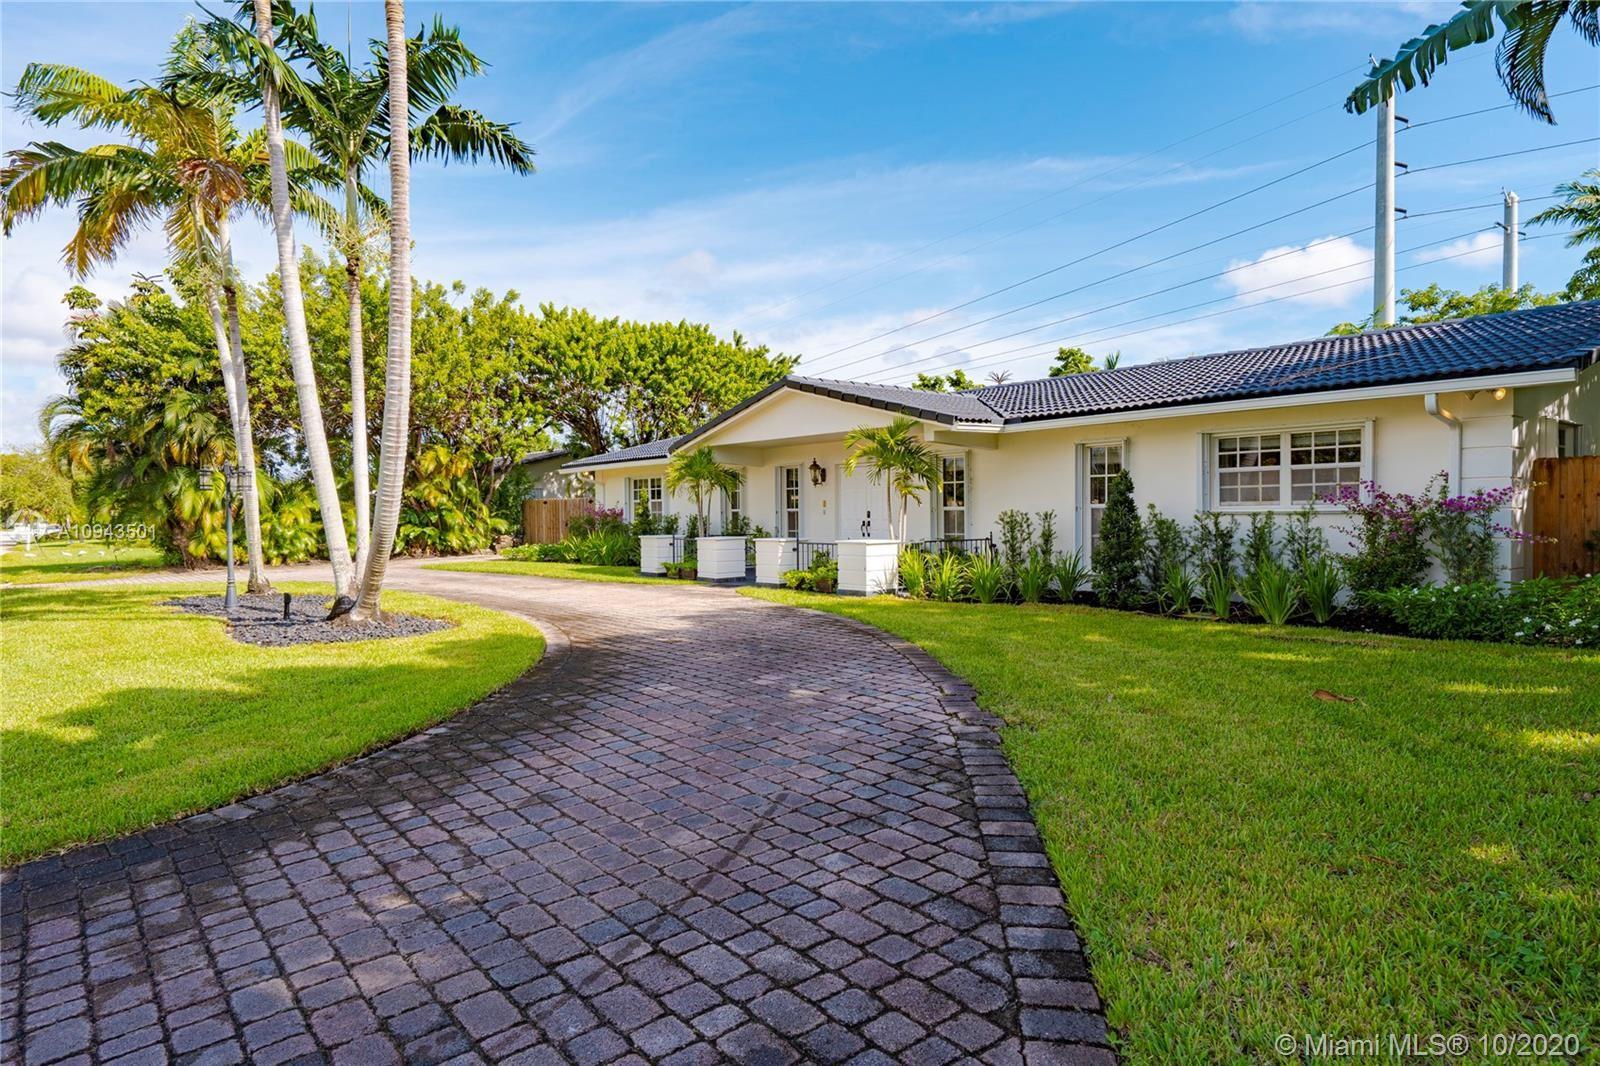 13371 SW 97th Ct, Miami, FL 33176 - #: A10943501